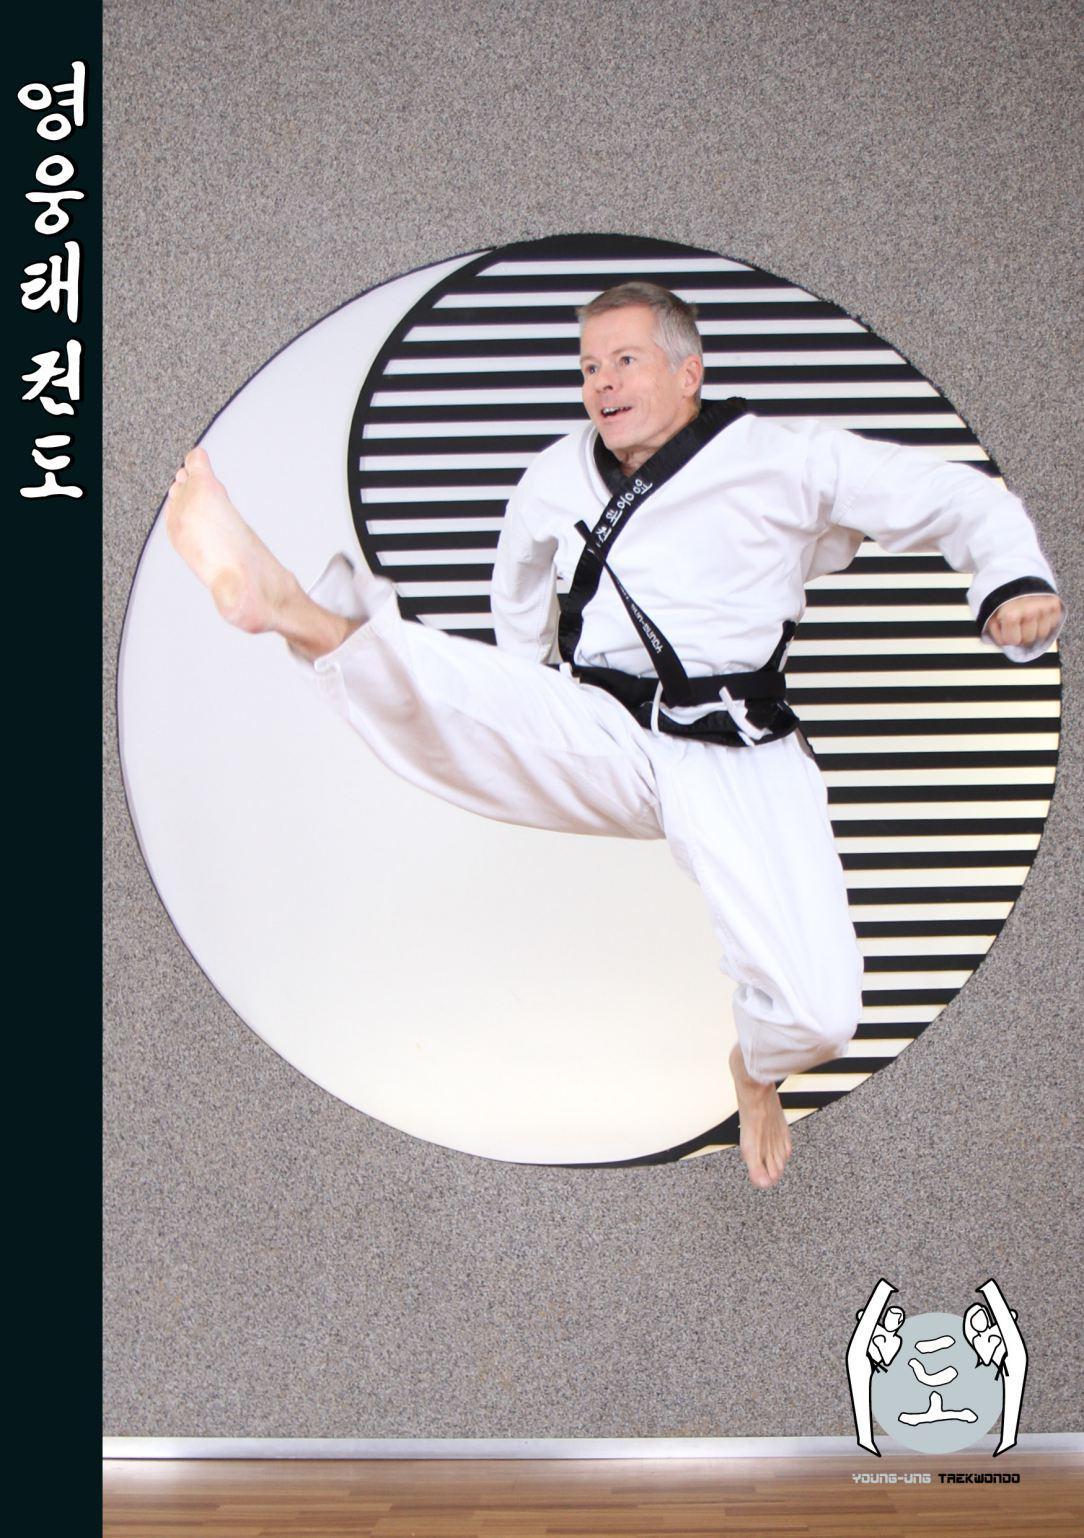 Alter Mann im Taekwondo Kampfanzug mit Schwarzgurt